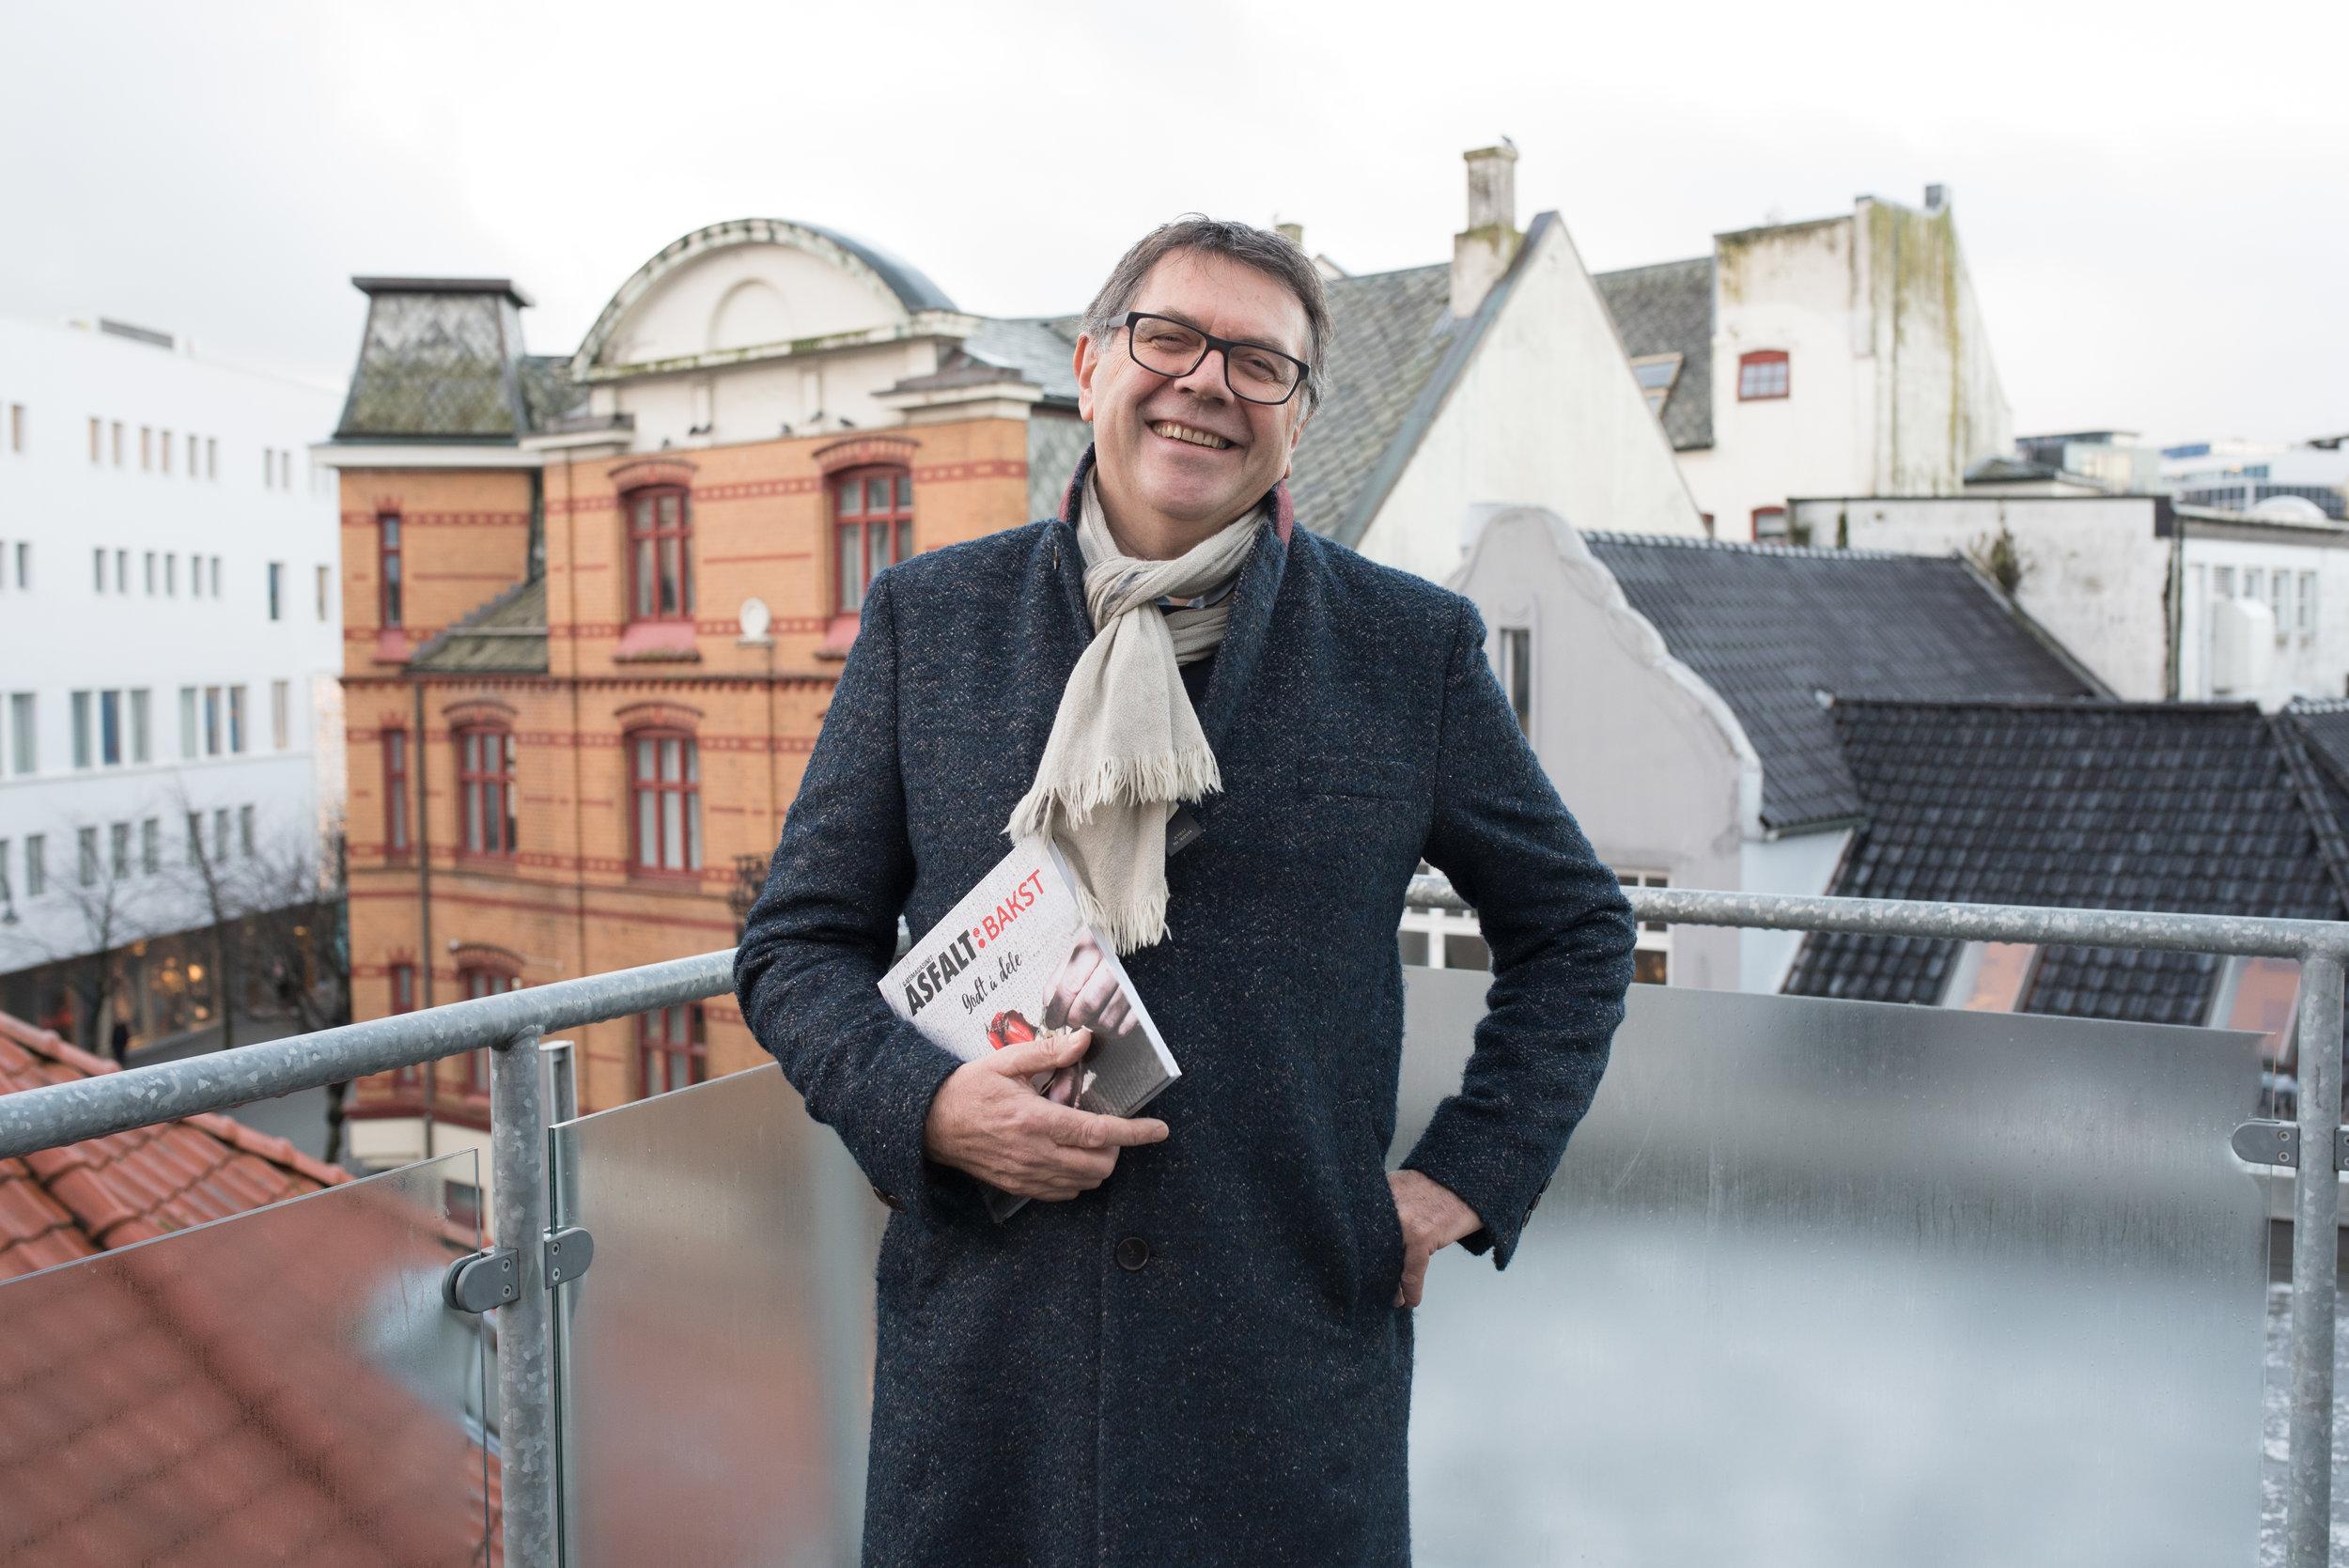 INSPIRERT: Svein Erik Reienes ble svært berørt av et møte med en selger i Stavanger. Møtet resulterte i et dikt.